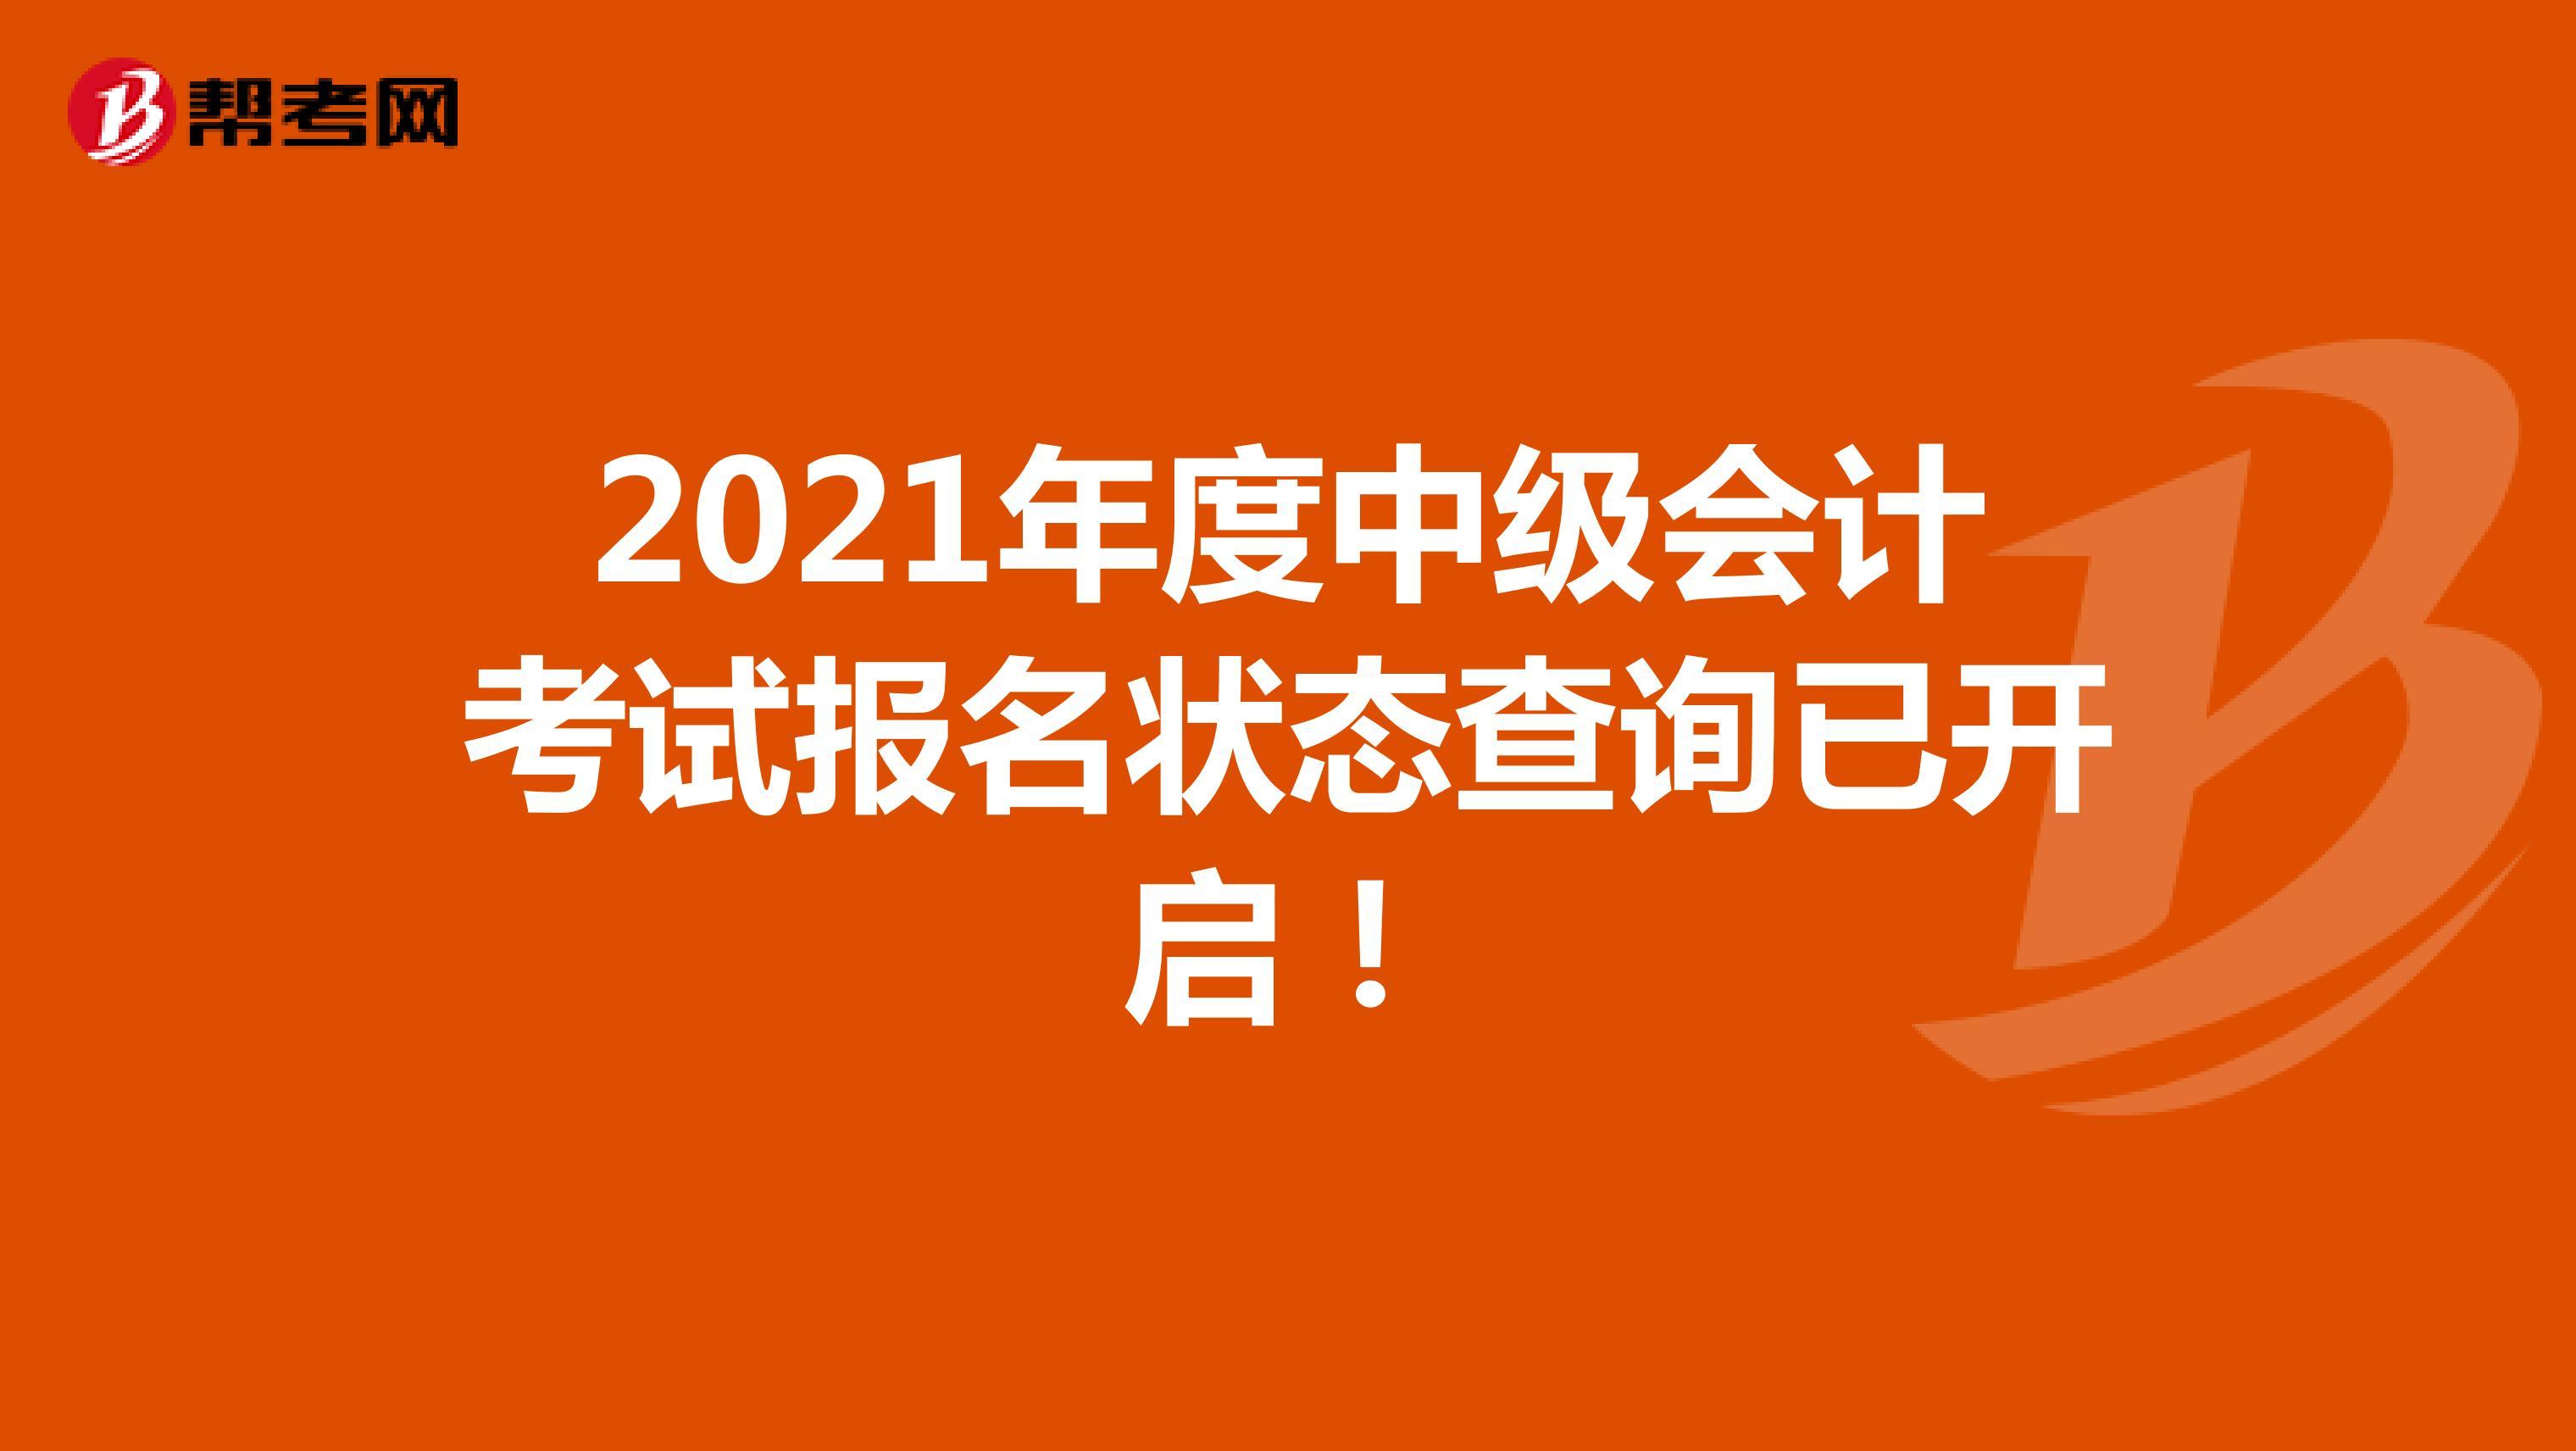 2021年度中级会计考试报名状态查询已开启!